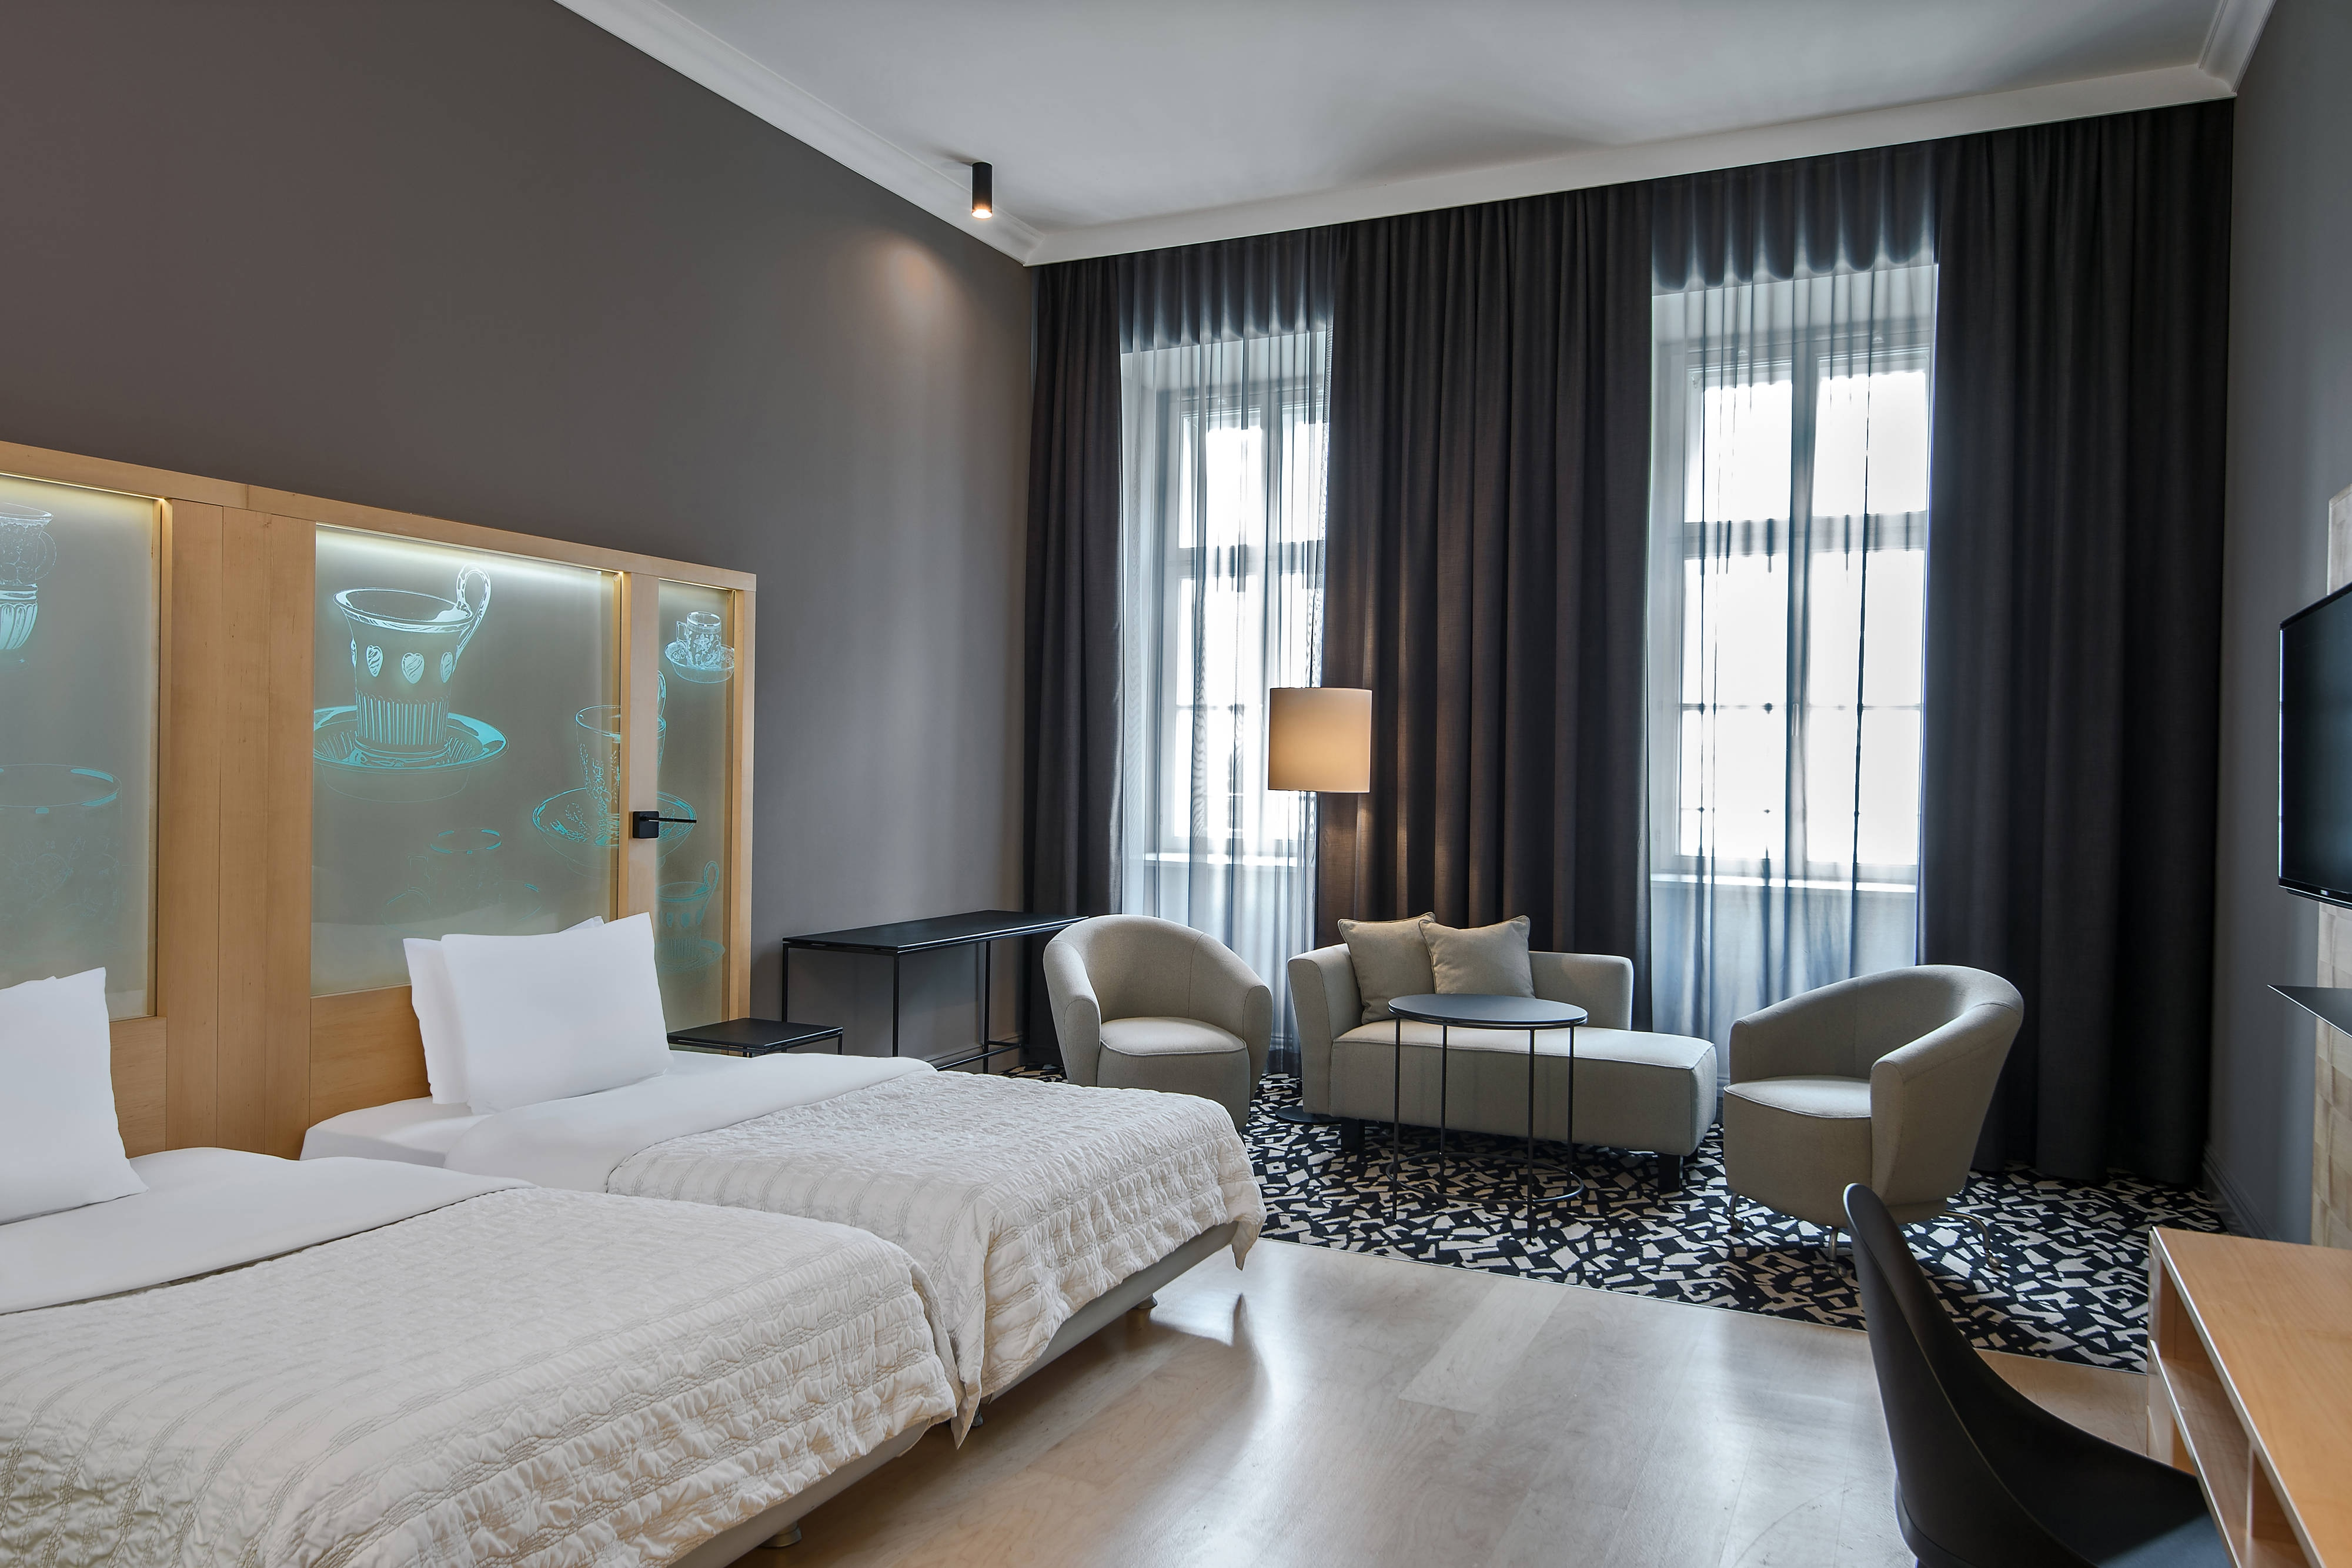 Chambre Executive avec lits jumeaux et vue sur la ville